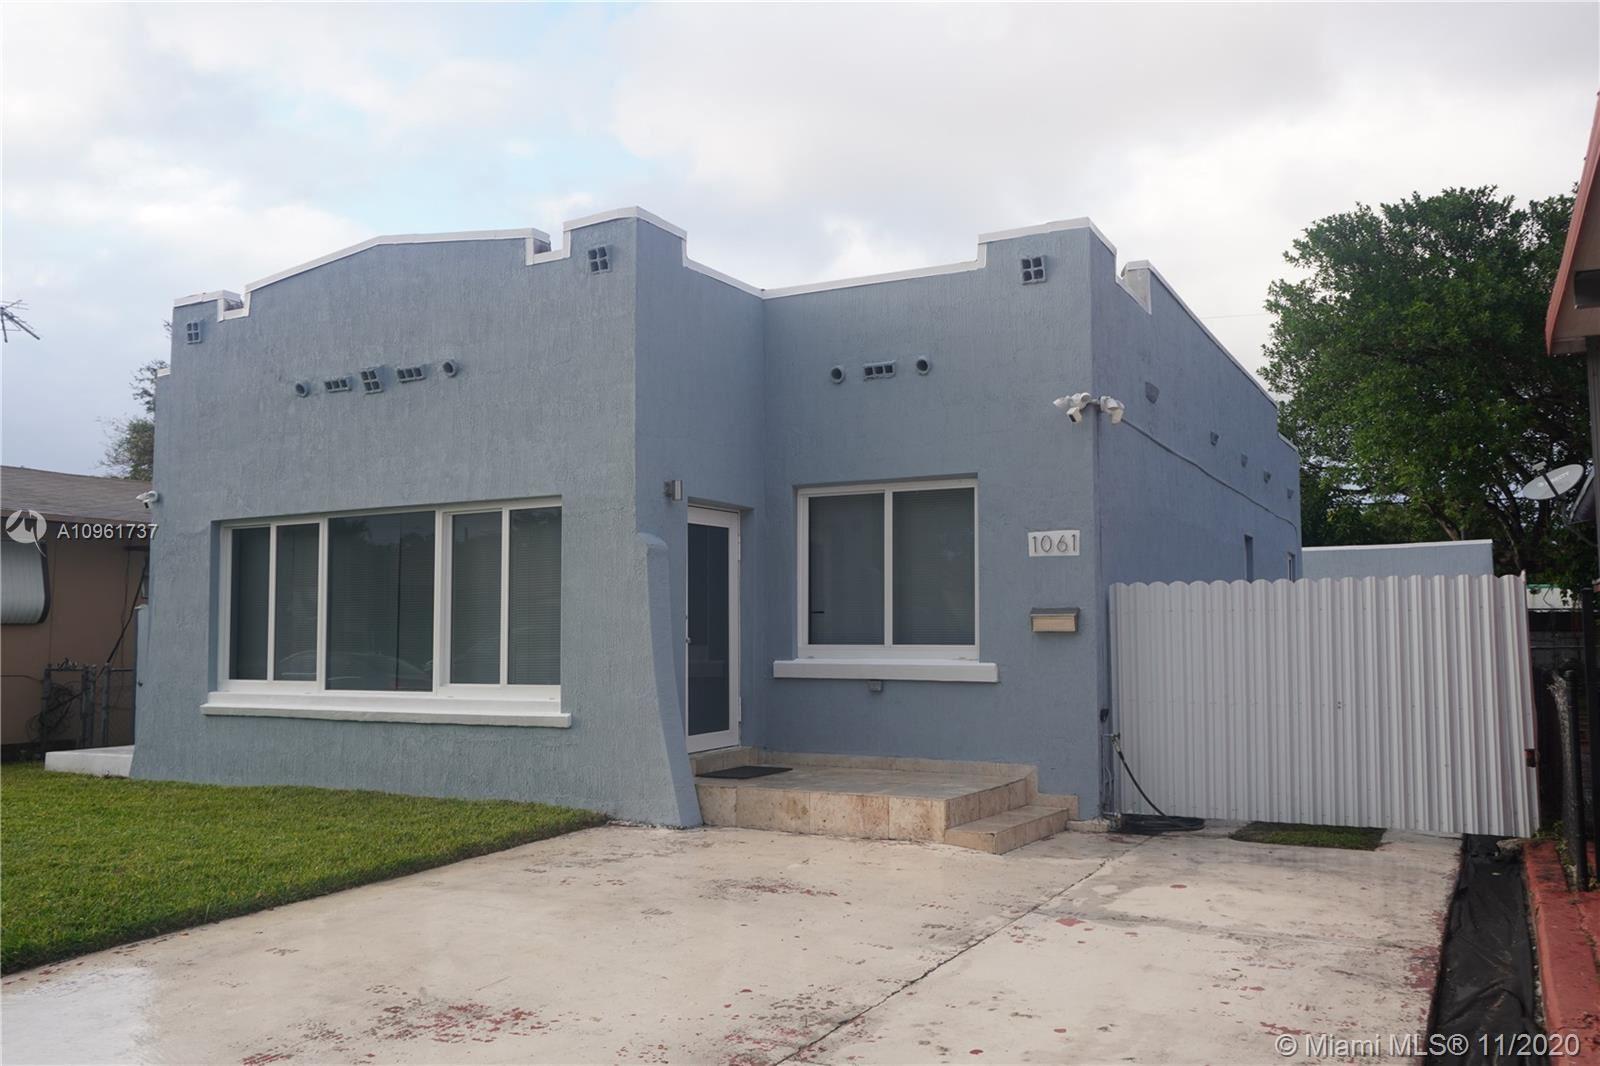 1061 NW 47th st, Miami, FL 33127 - #: A10961737